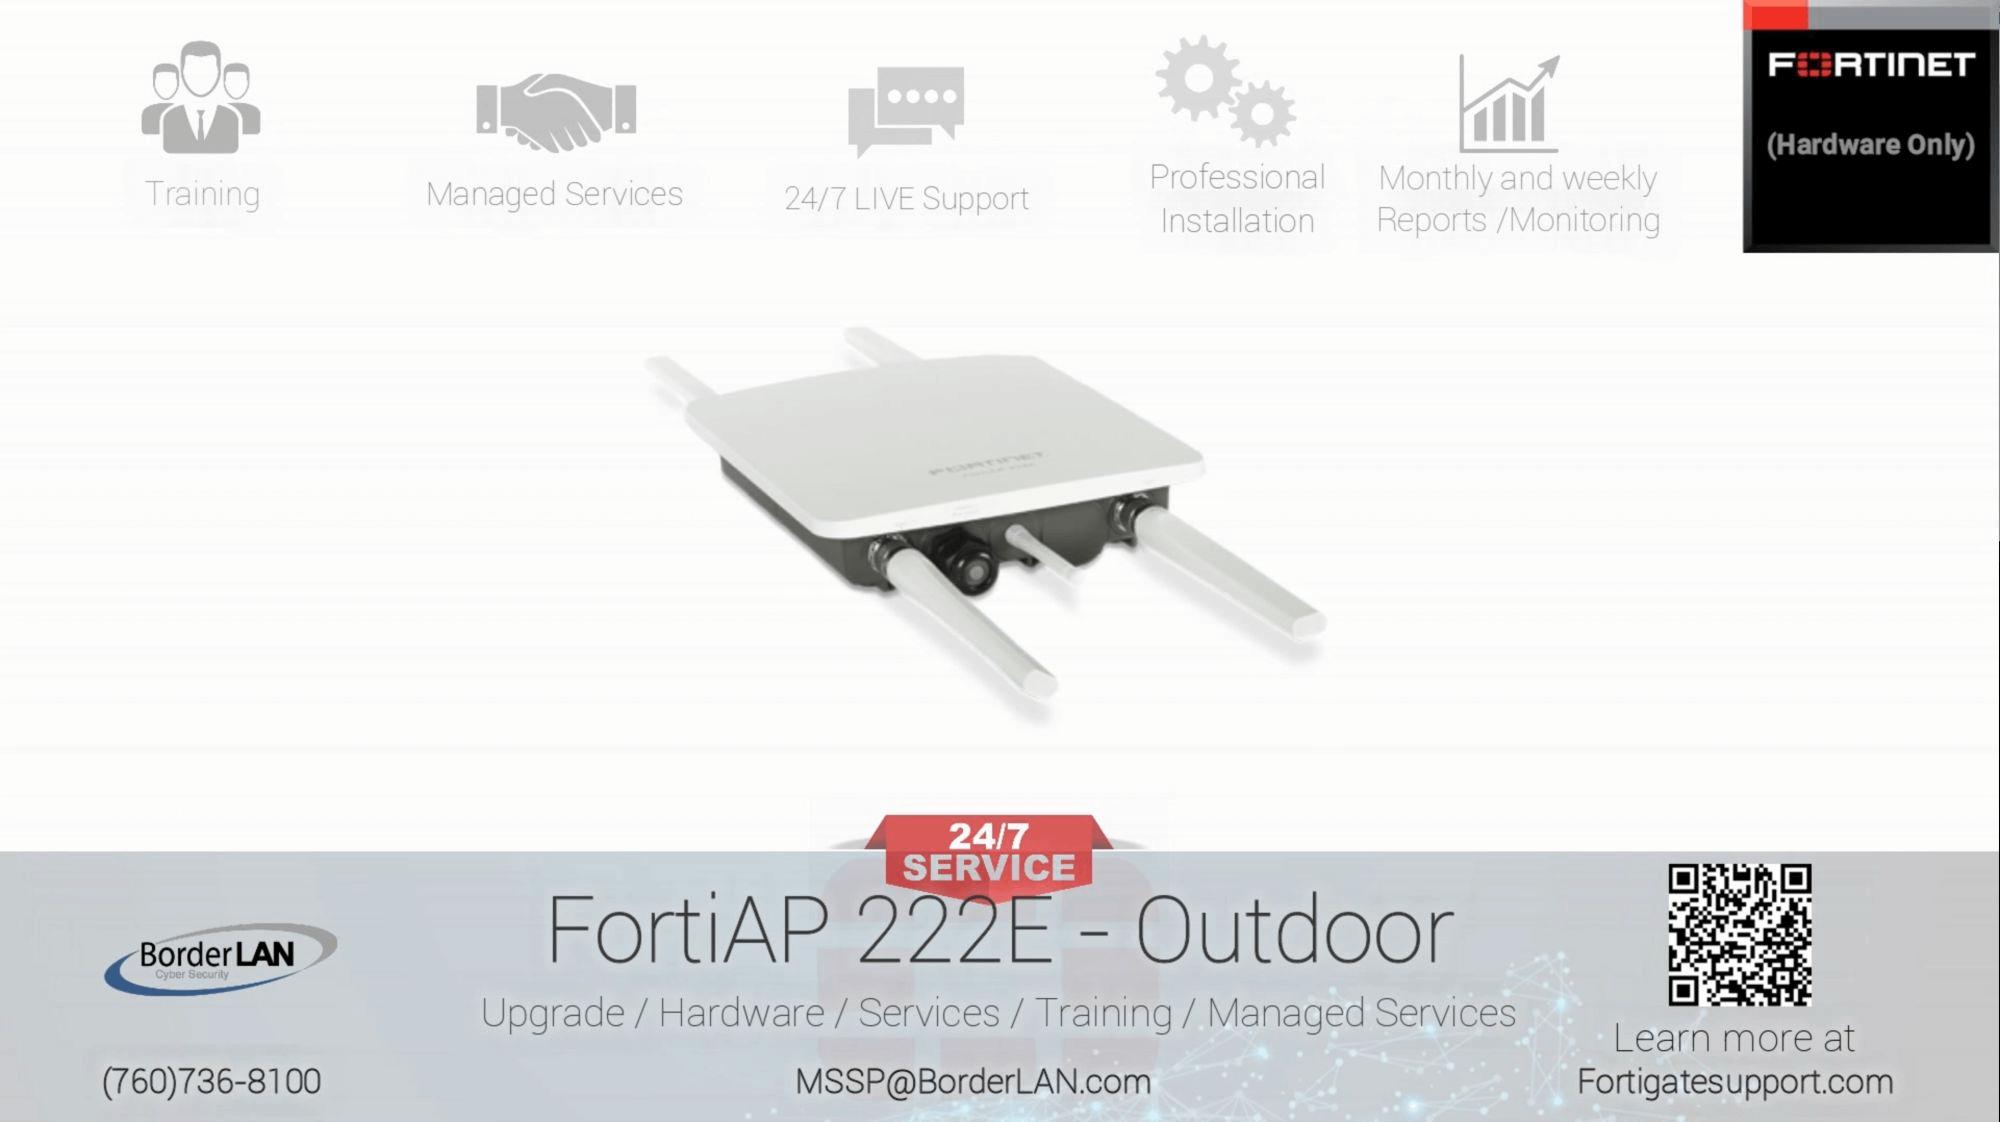 FortiAP 222E - Outdoor - (760)736-8100